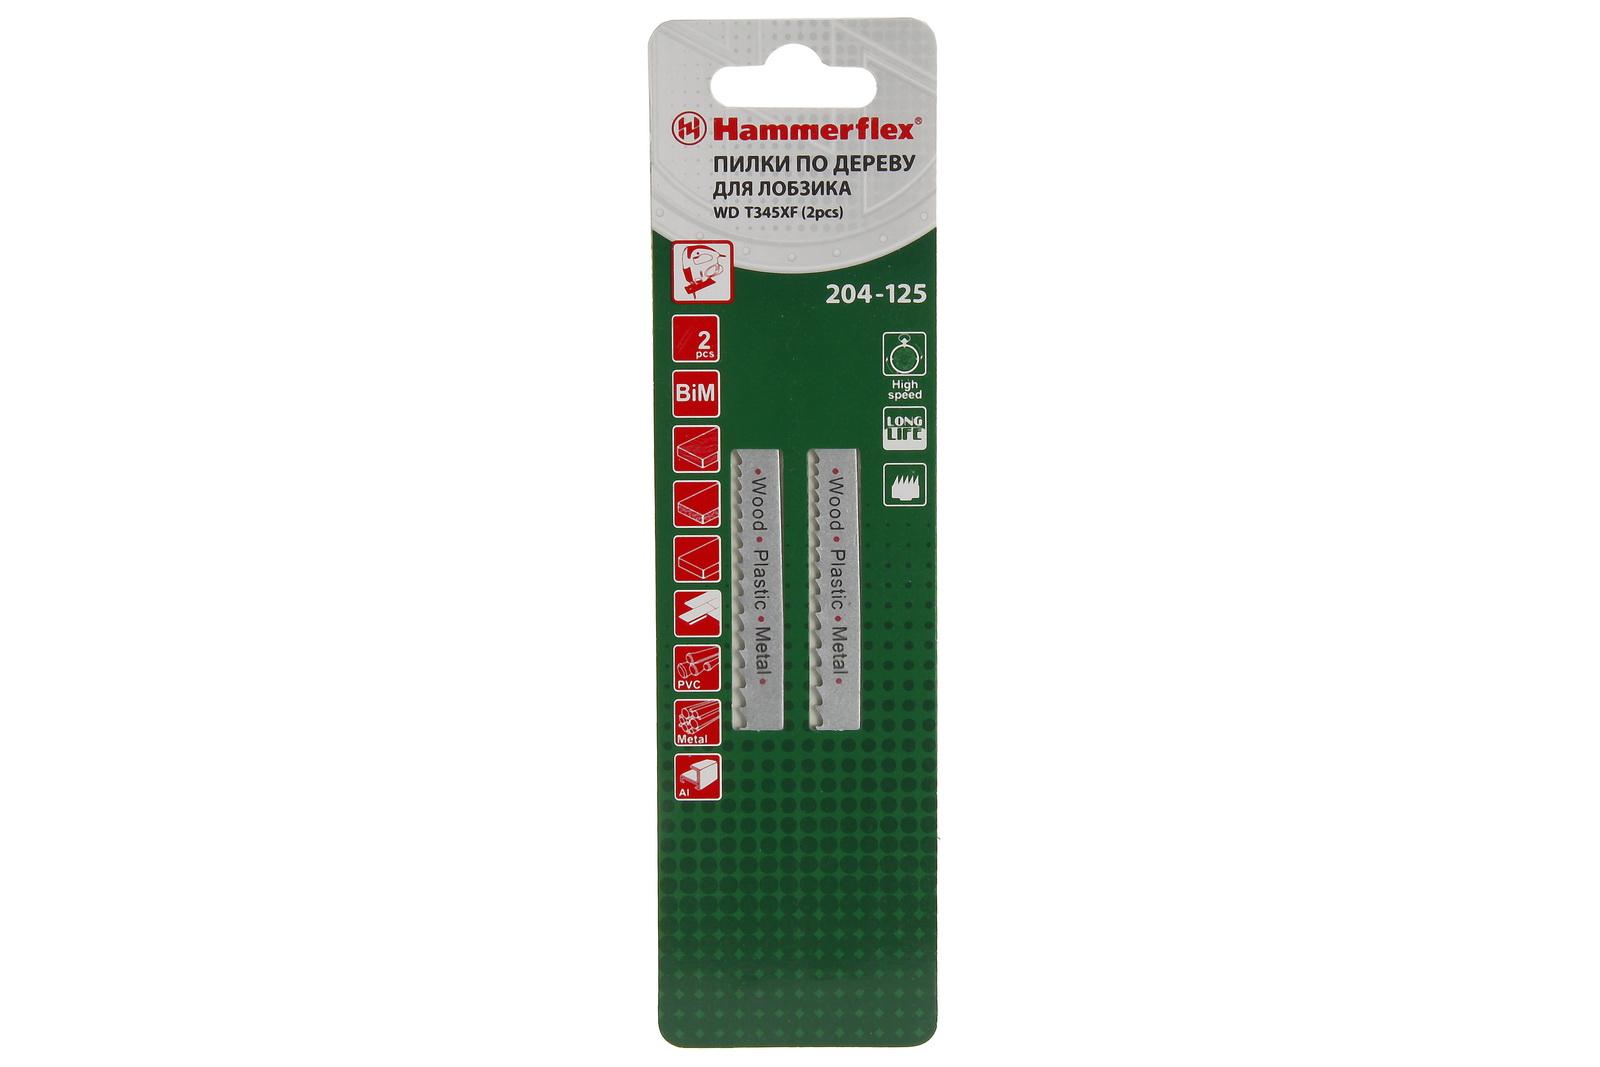 Пилки для лобзика Hammer 204-125 jg wd t345xf (2шт.) цена